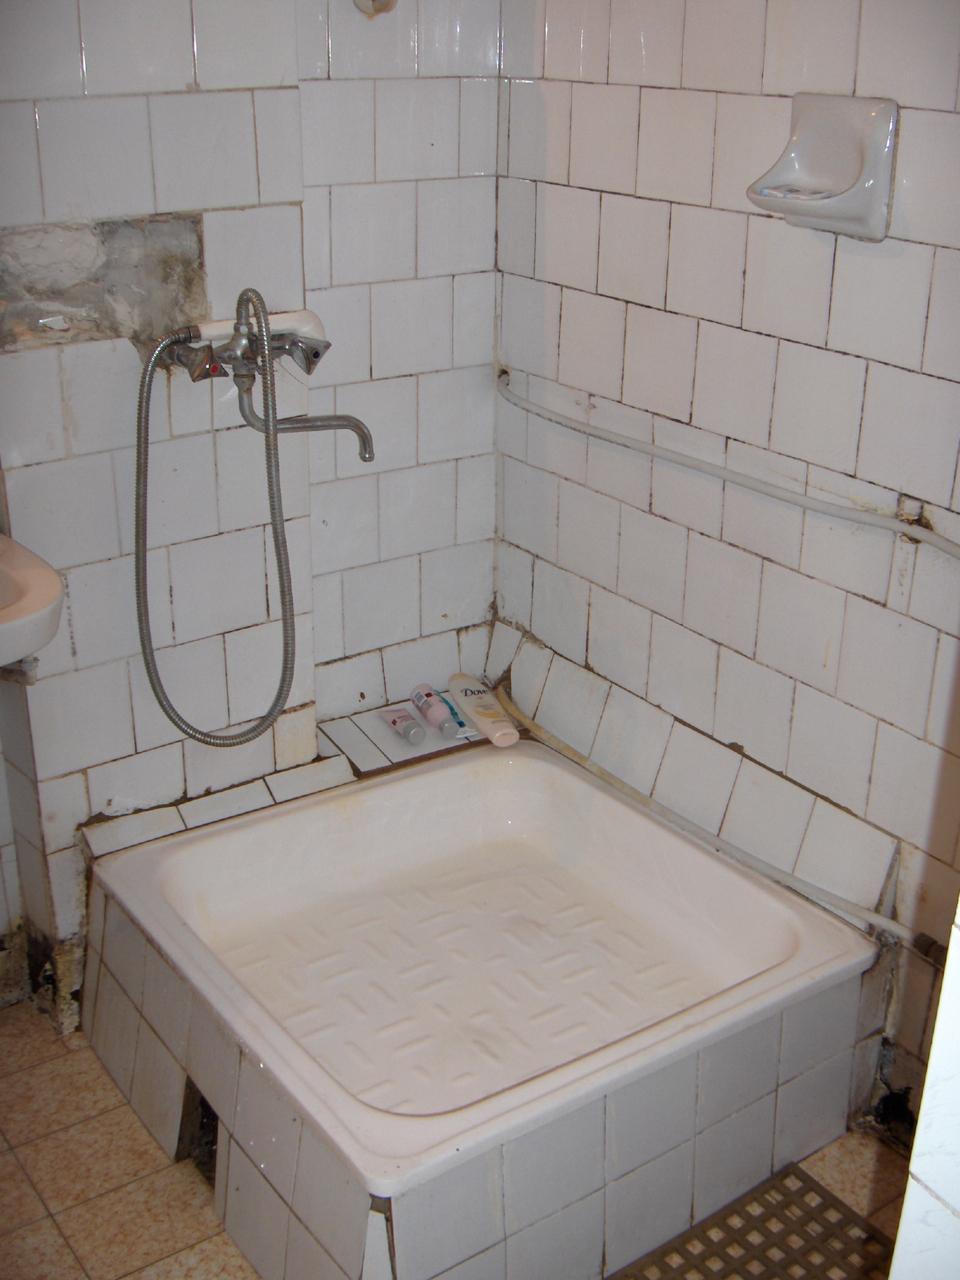 The nicest bathroom ever!